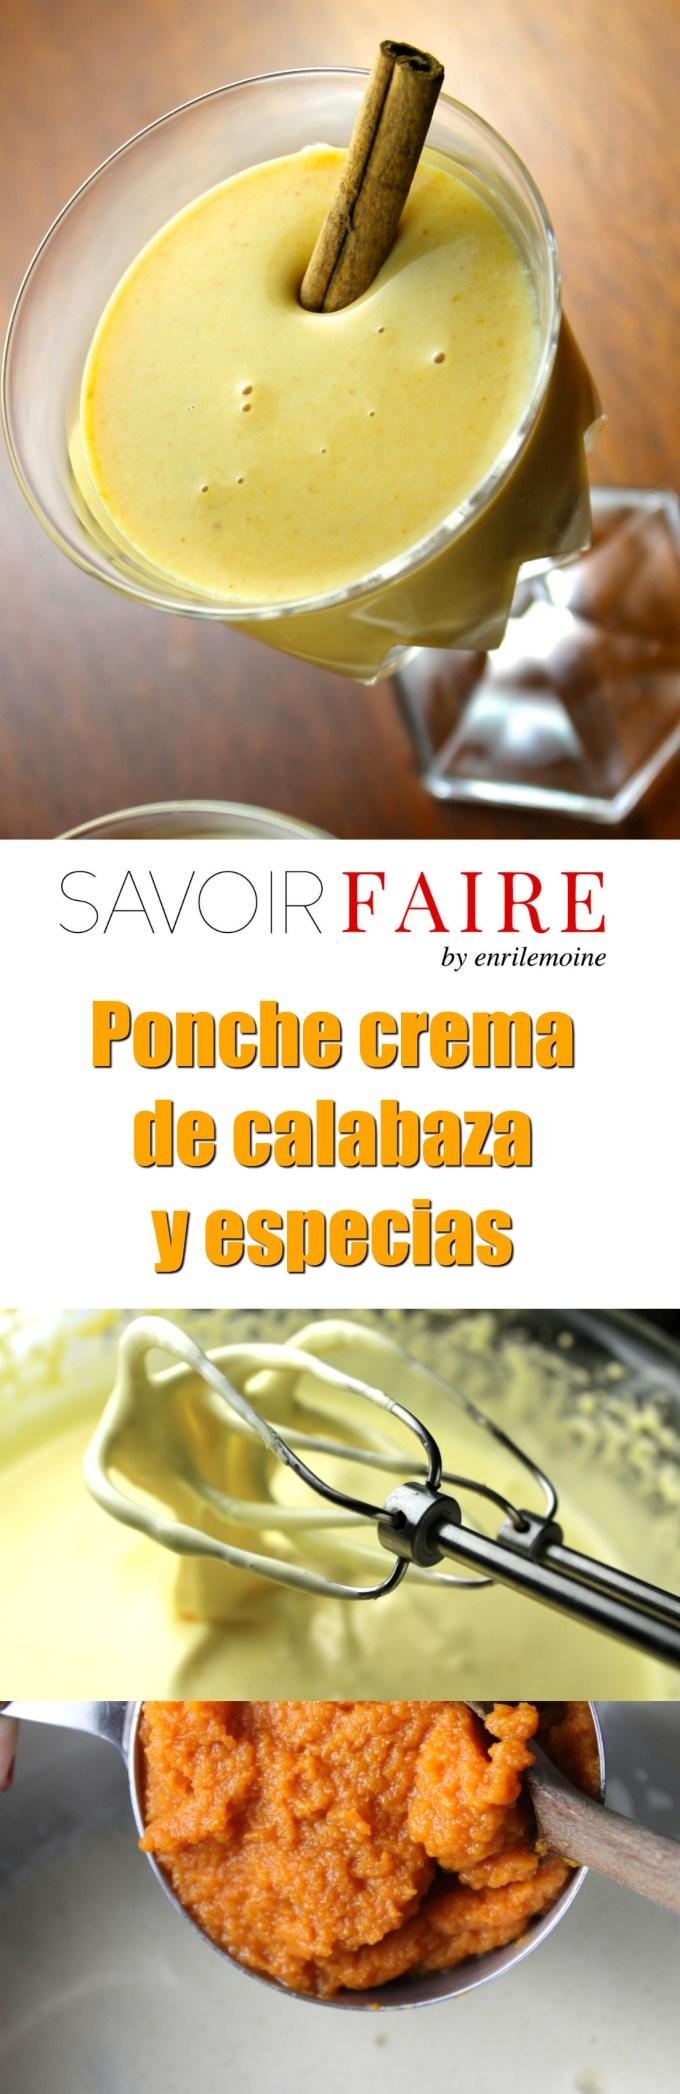 Ponche crema de calabaza y especias - SAVOIR FAIRE by enrilemoine